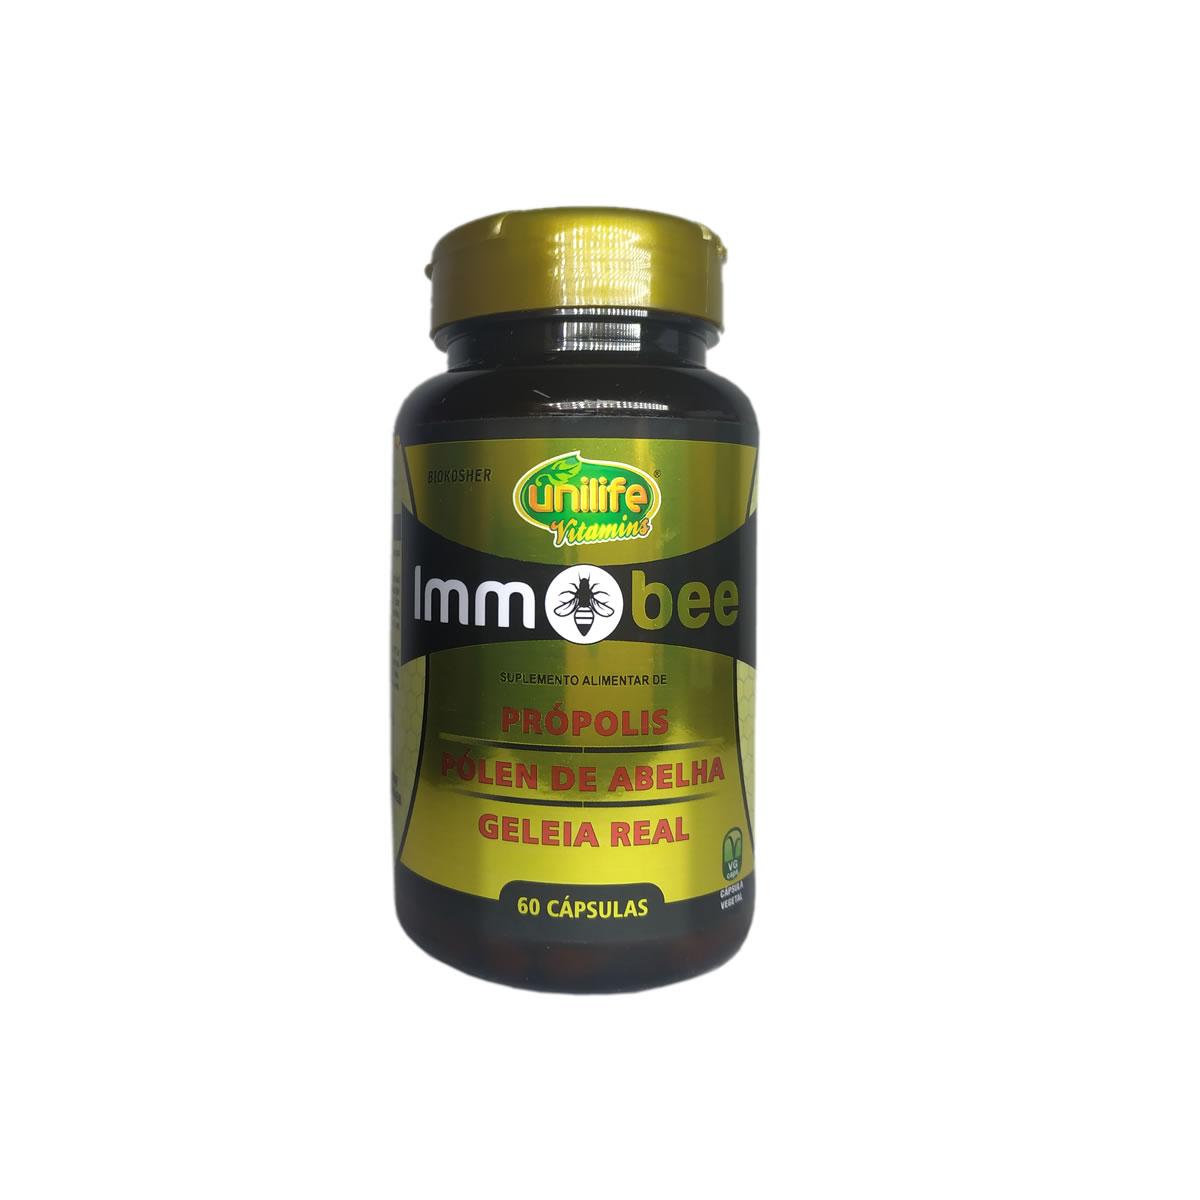 Suplemento de Própolis, Pólen e Geleia Real Immobee 550mg 60 capsulas - Unilife